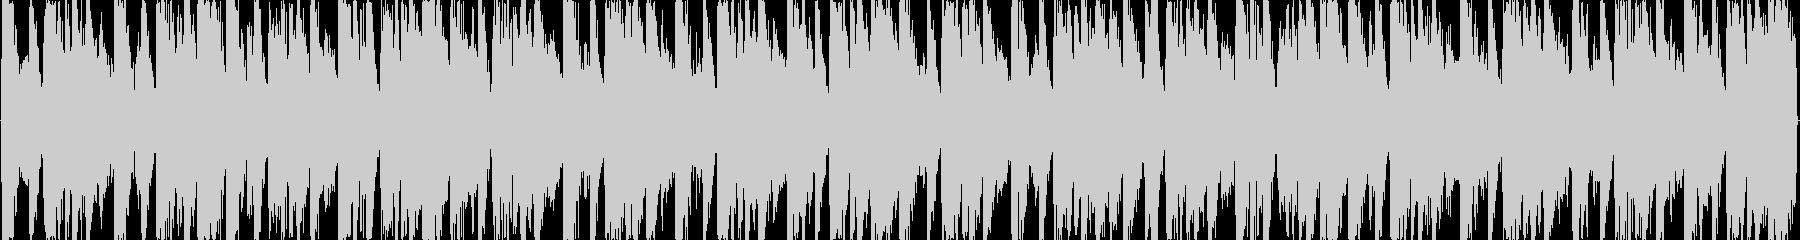 戦闘前のBGMの未再生の波形